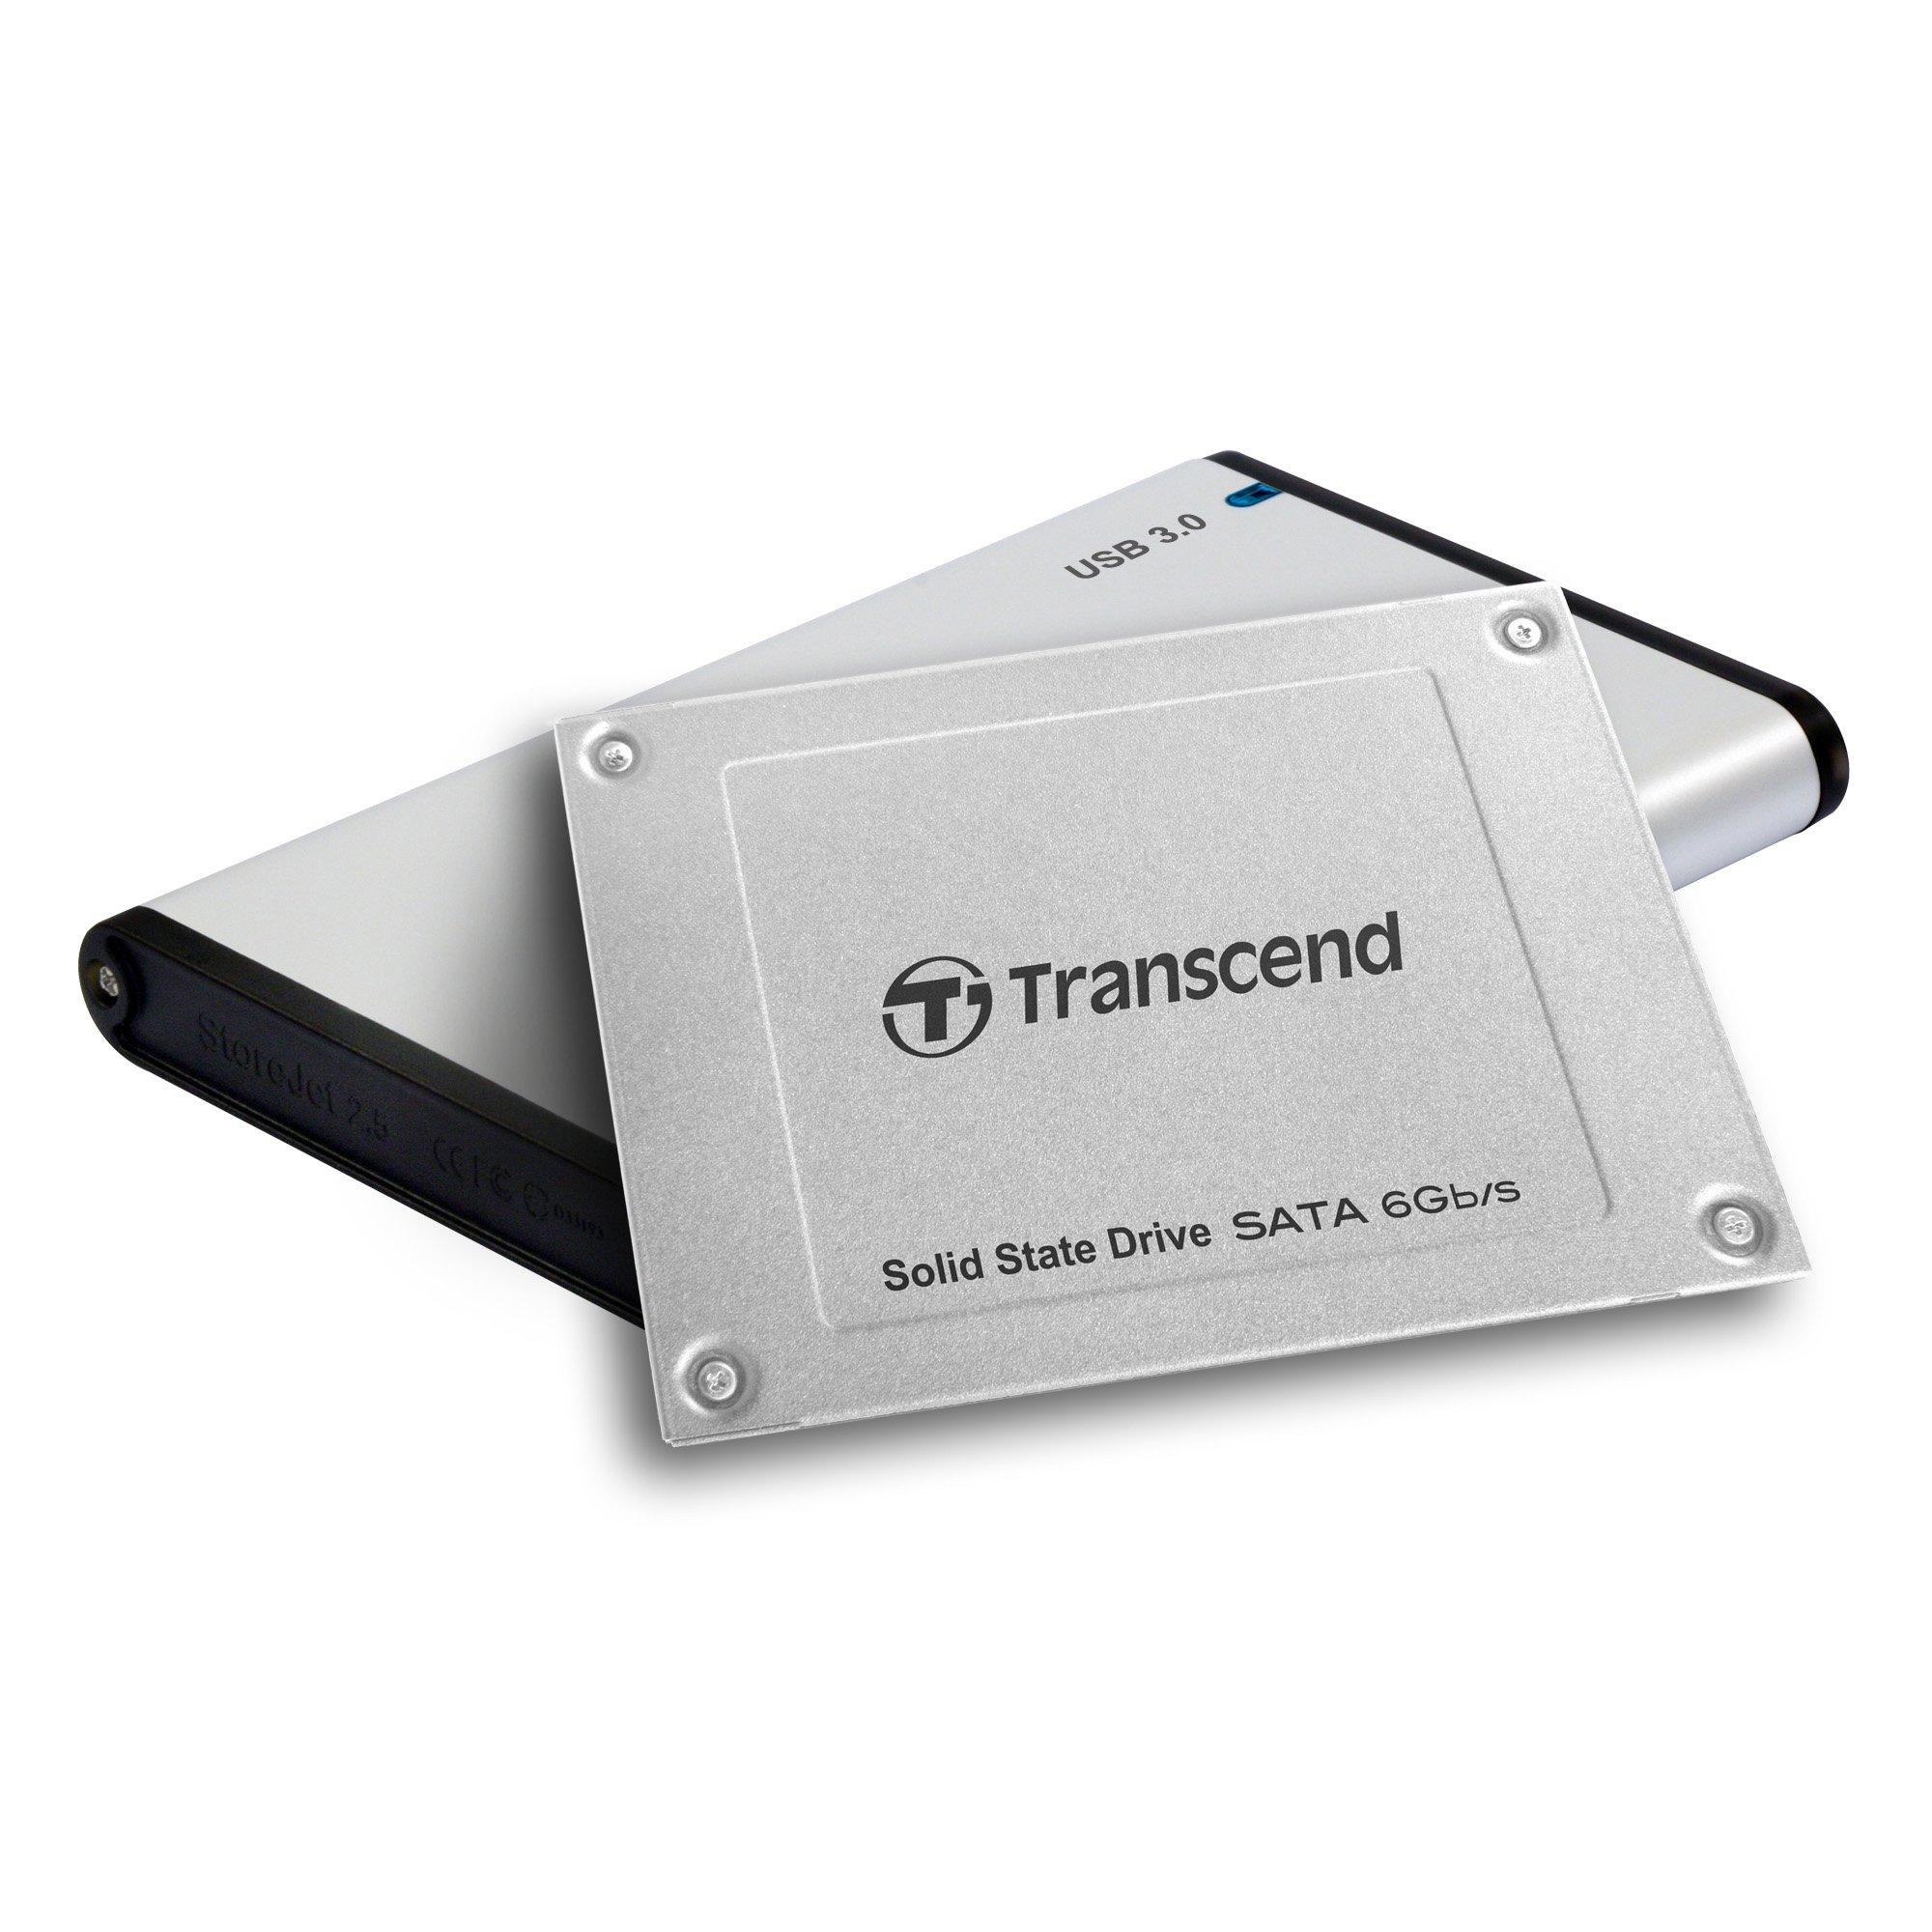 Transcend 960GB JetDrive 420 SATA III SSD Upgrade Kit for MacBook (TS960GJDM420)